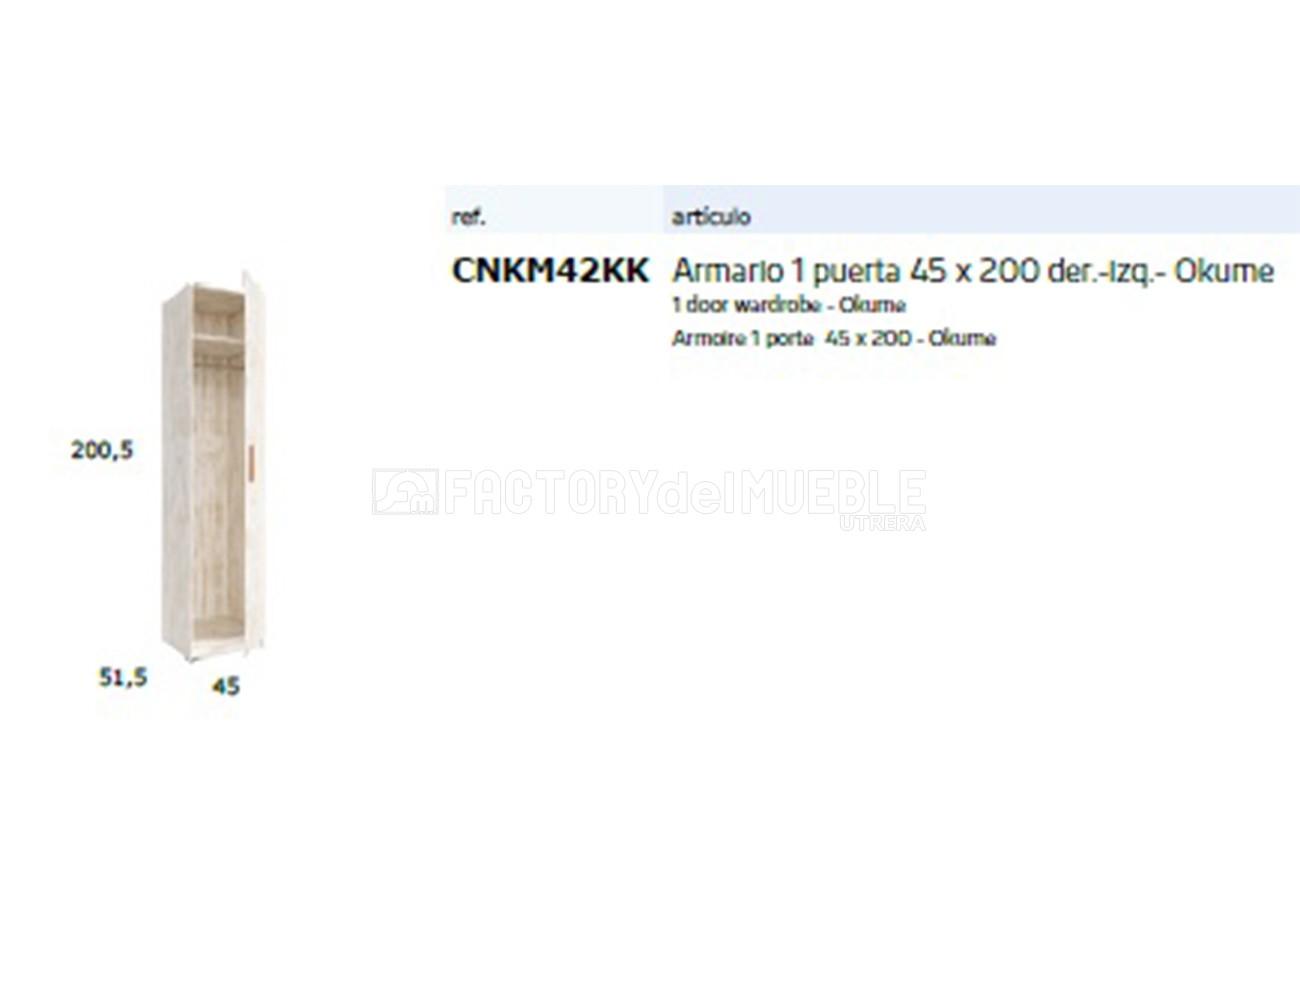 Cnkm42kk armario1 puerta